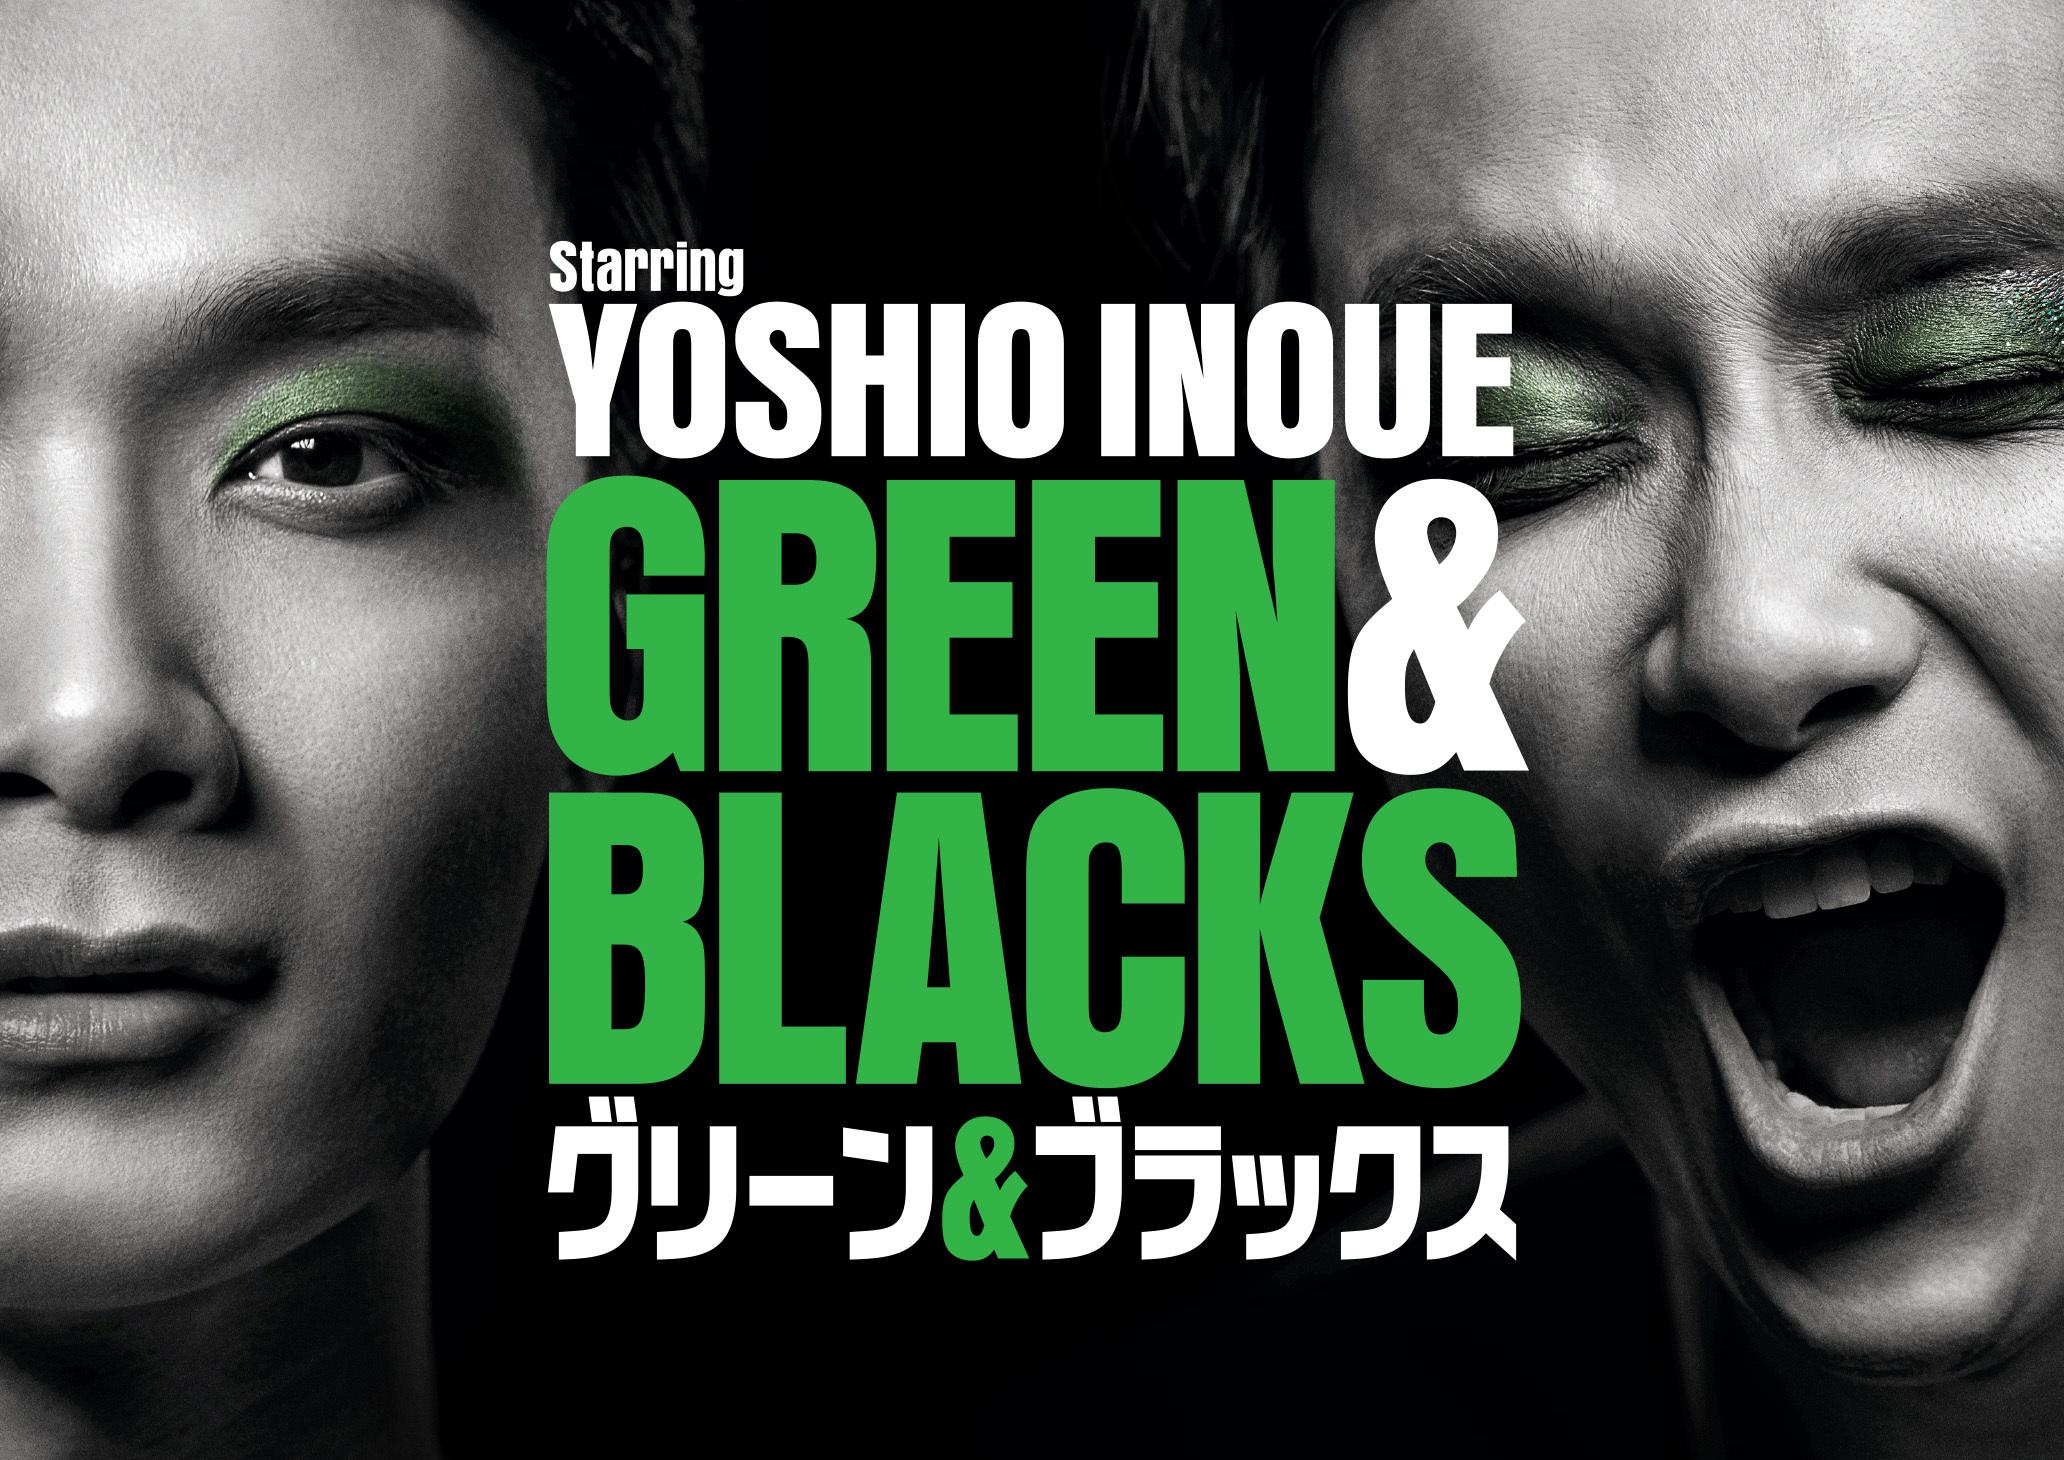 福田雄一×井上芳雄 『グリーン&ブラックス』